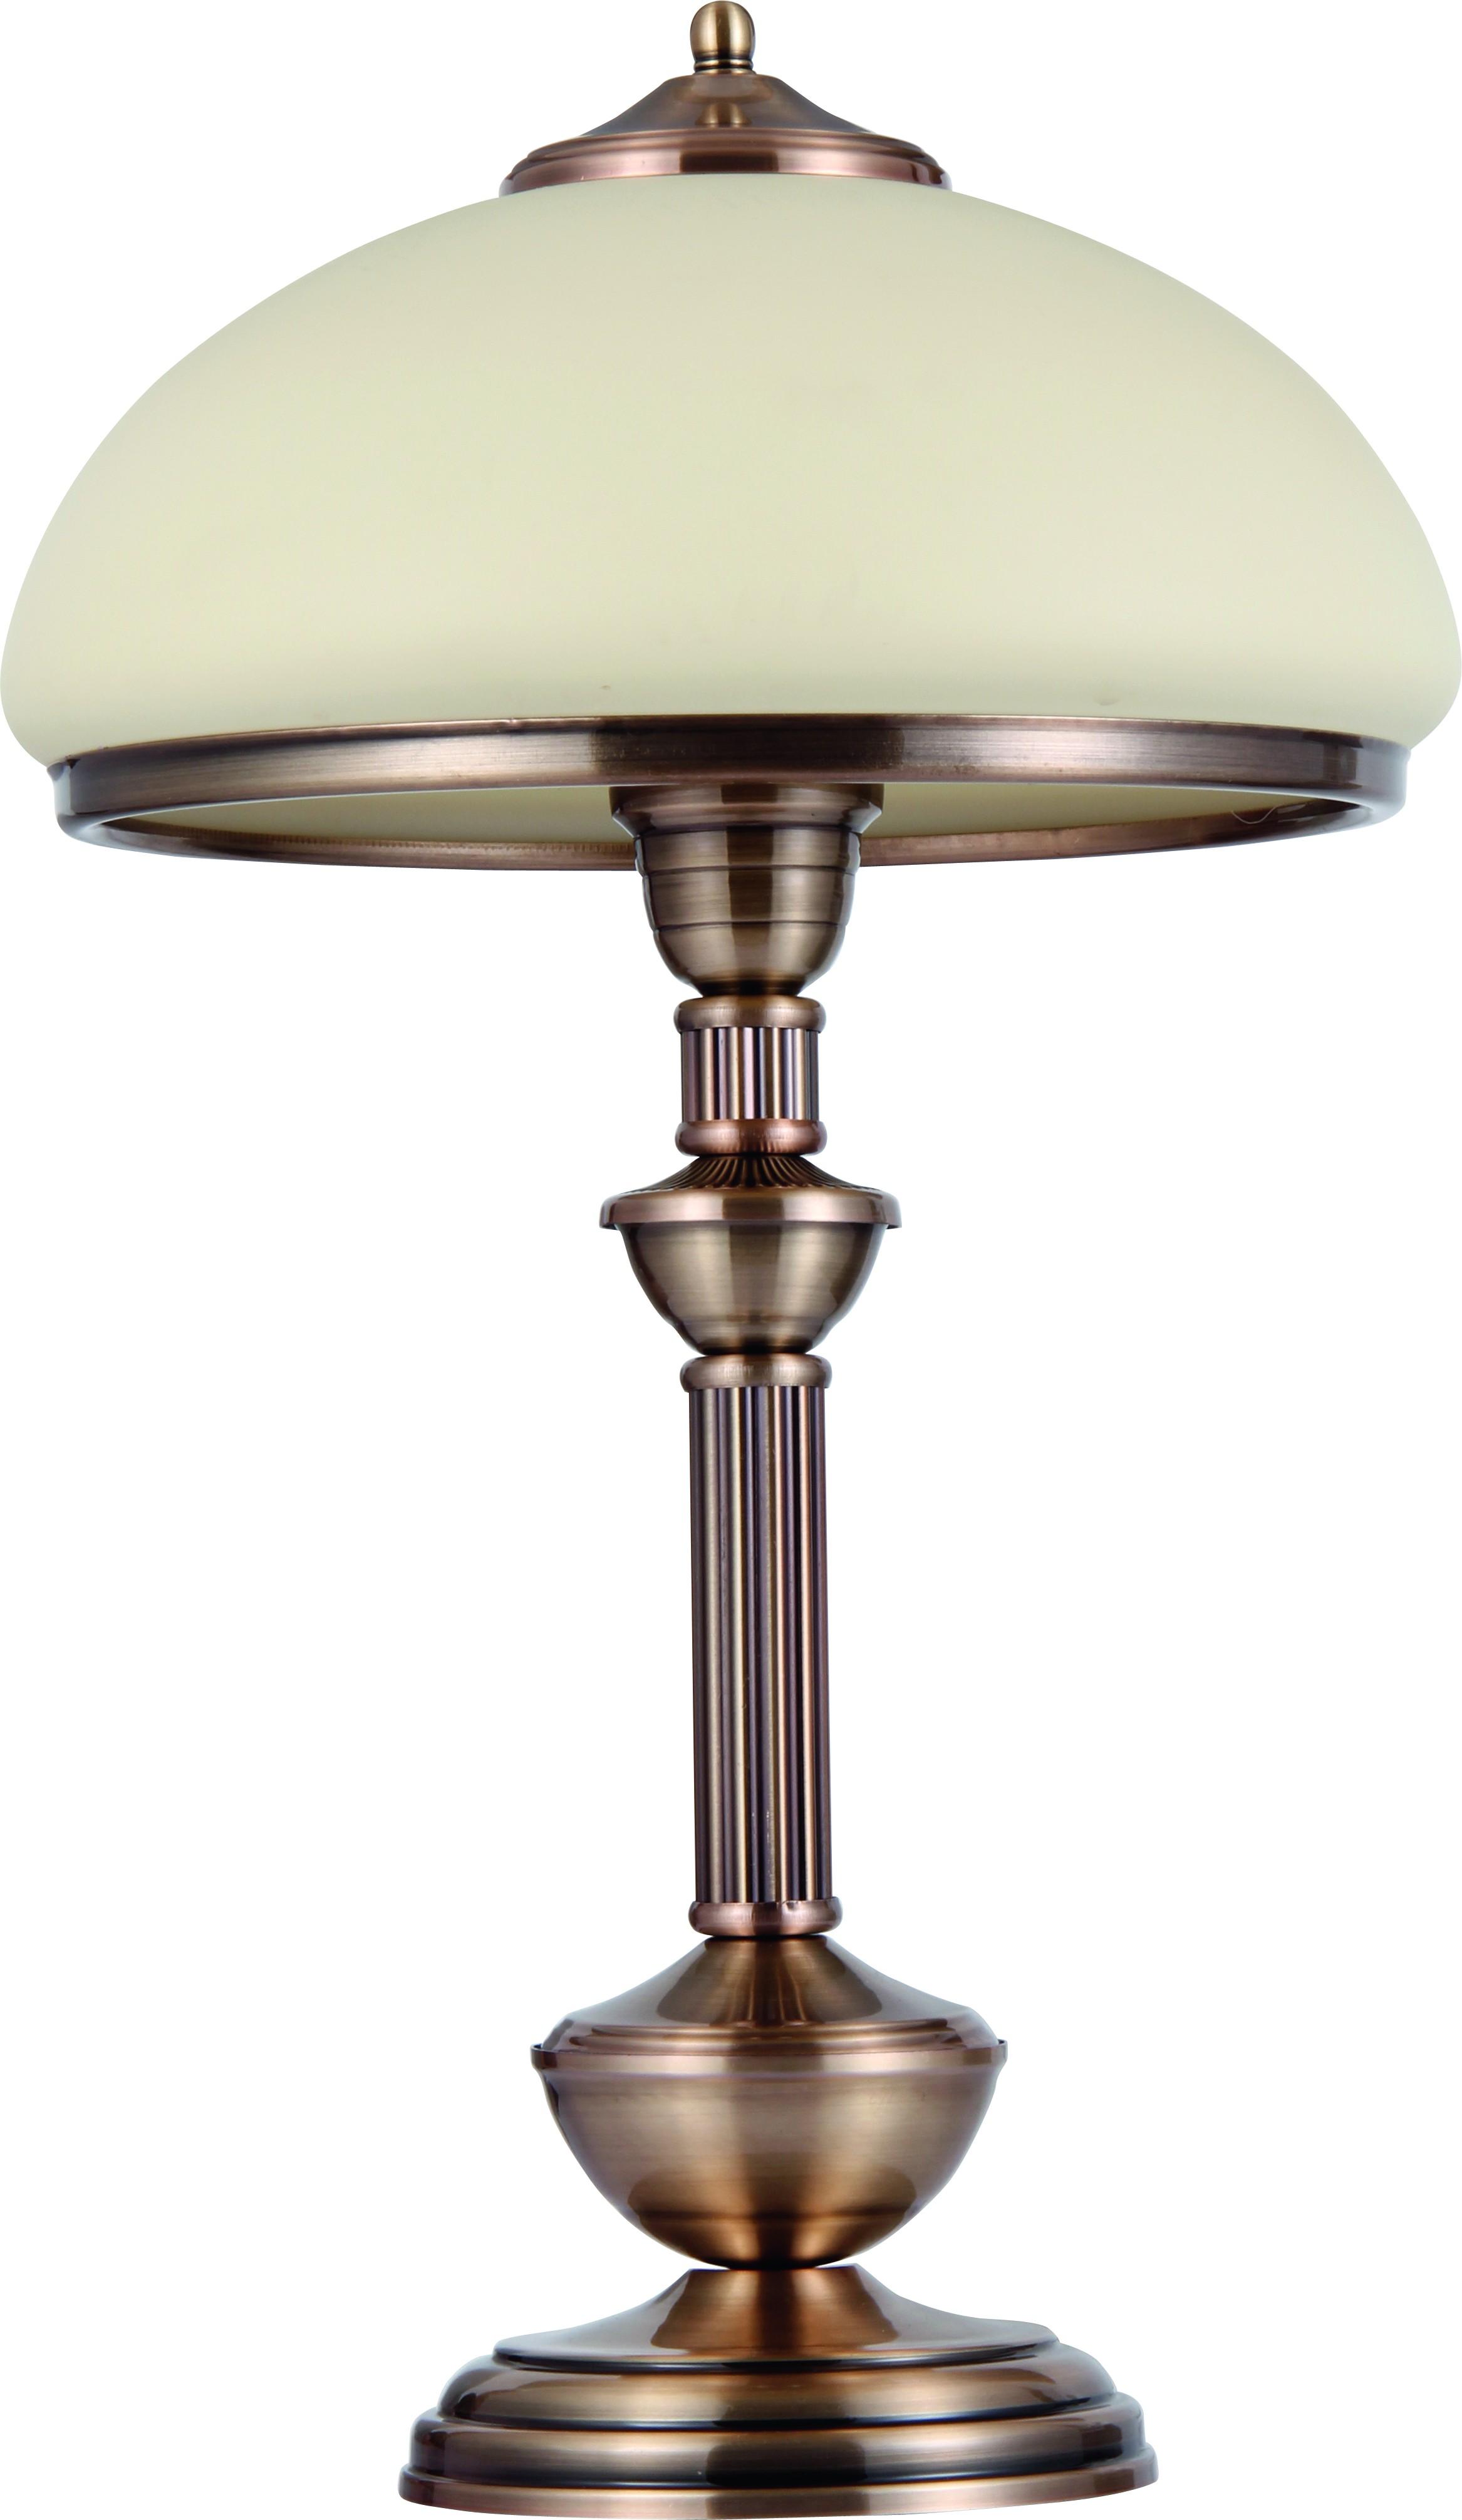 Лампа настольная Arte lamp A2252lt-2rb настольная лампа arte lamp 49 a2252lt 2rb